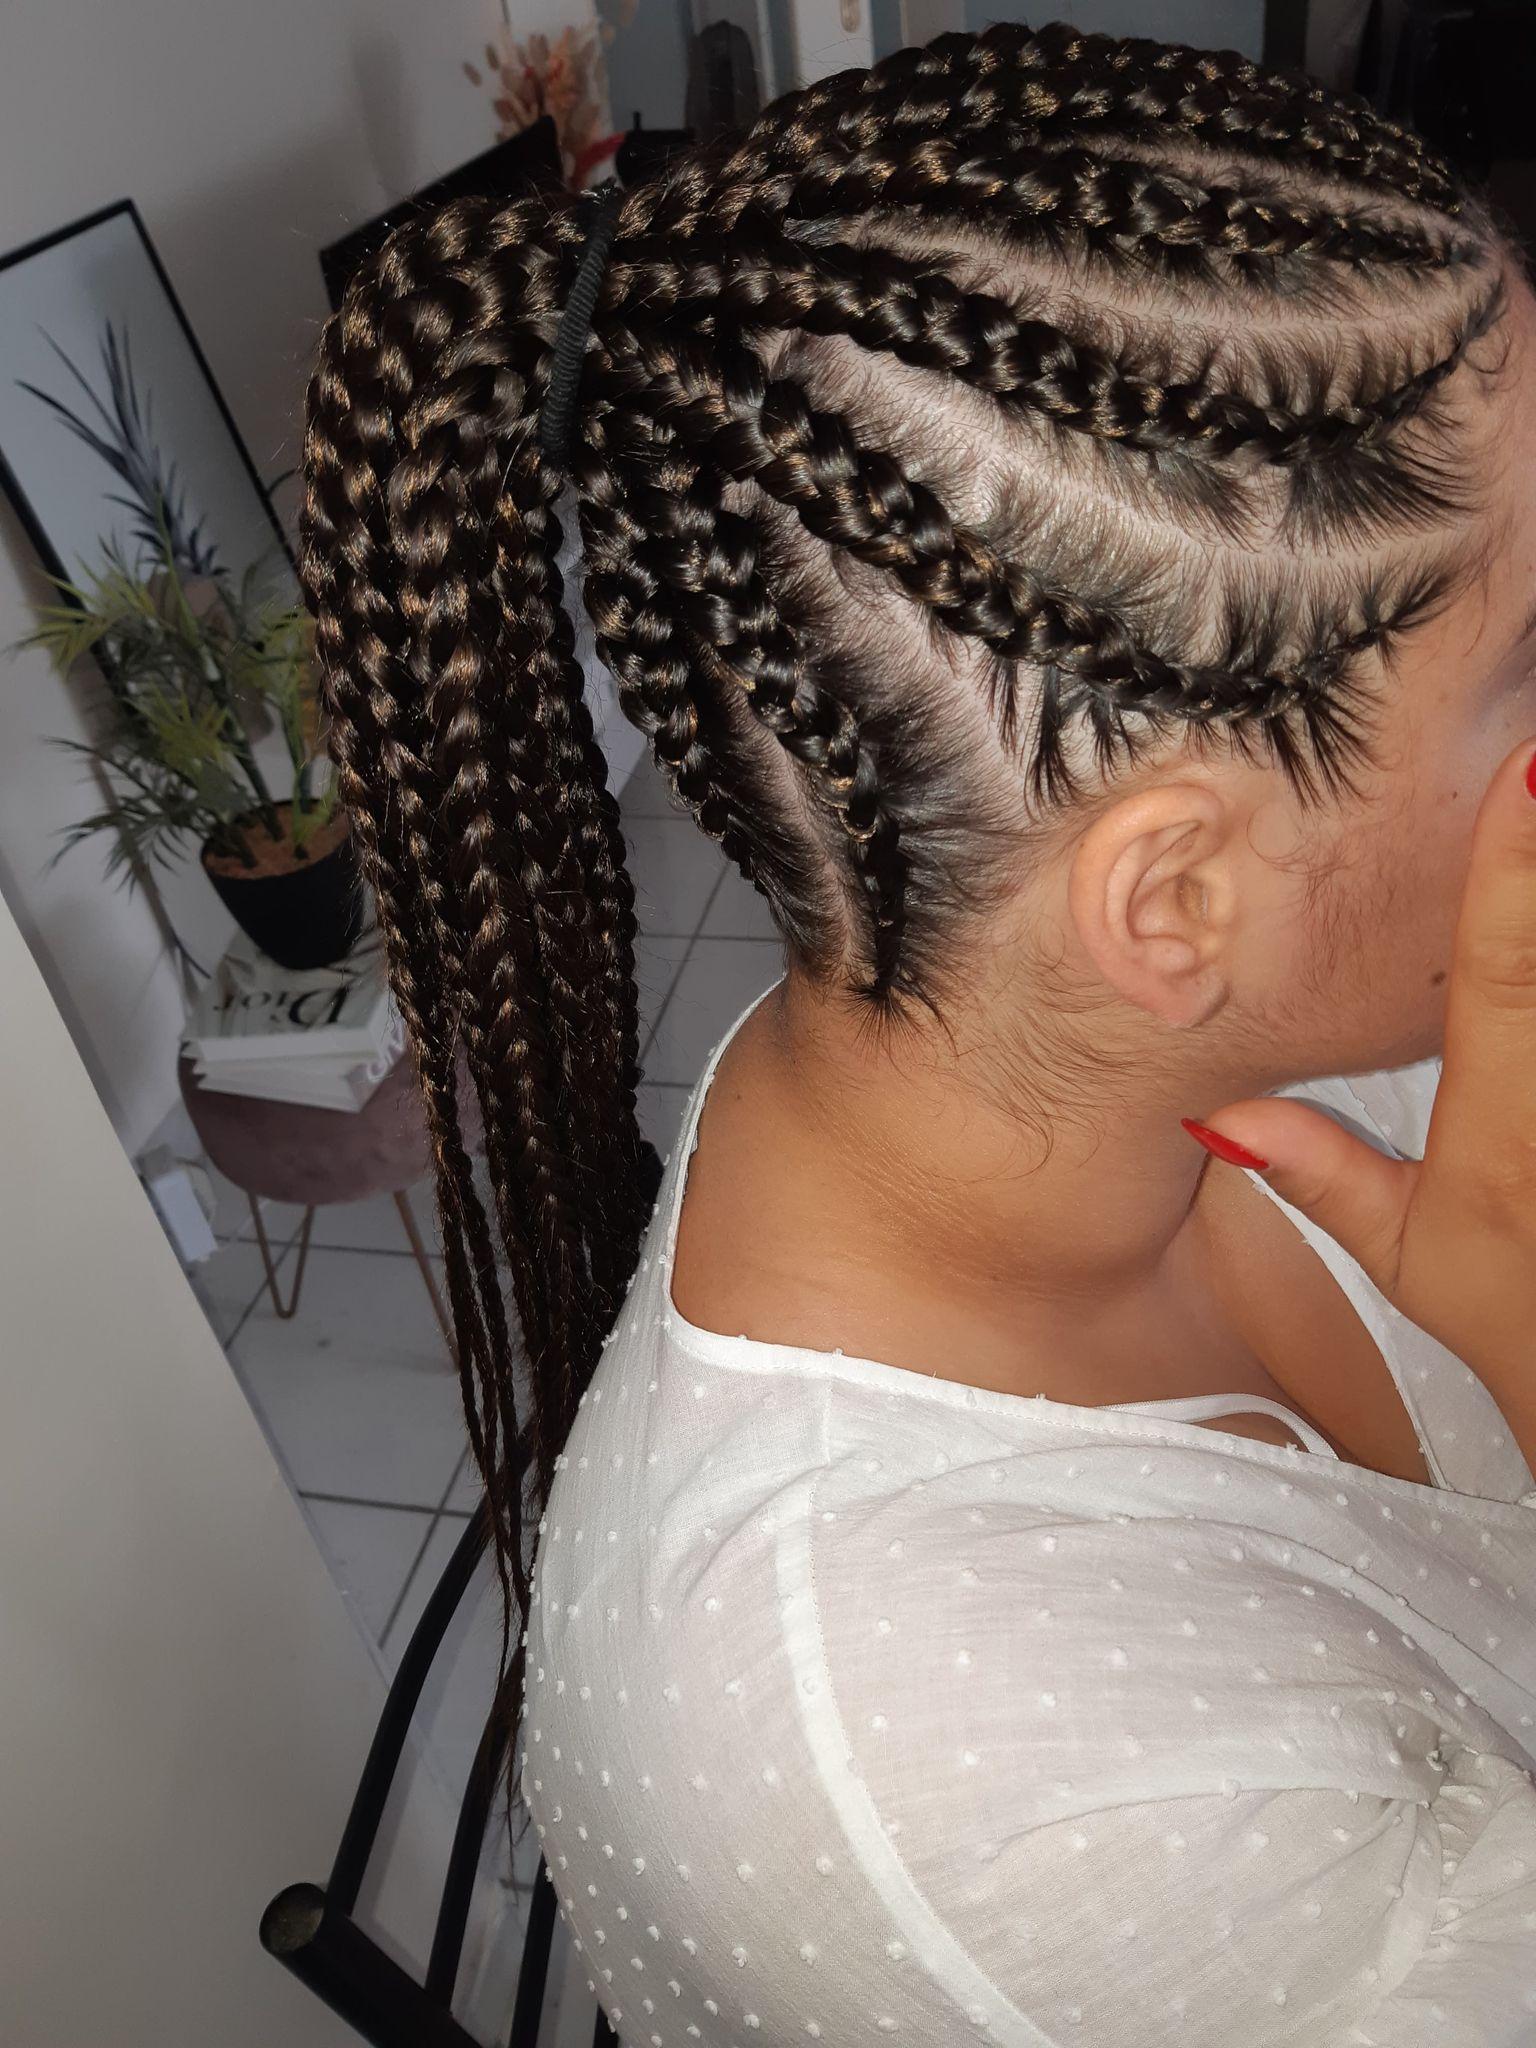 salon de coiffure afro tresse tresses box braids crochet braids vanilles tissages paris 75 77 78 91 92 93 94 95 BDZUCOTO